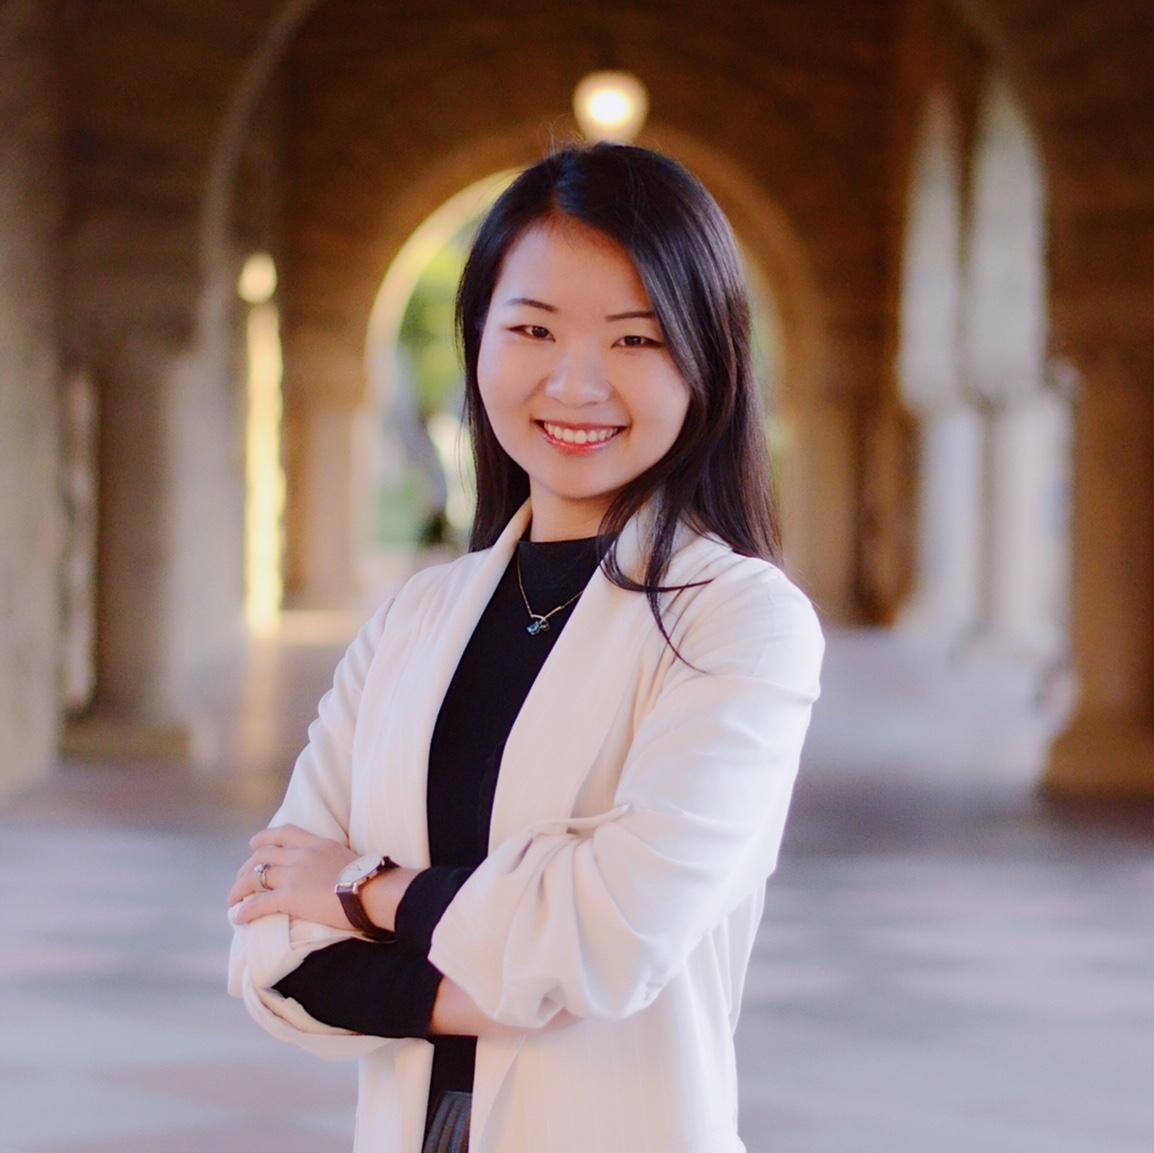 Yixuan (Sharon) Li